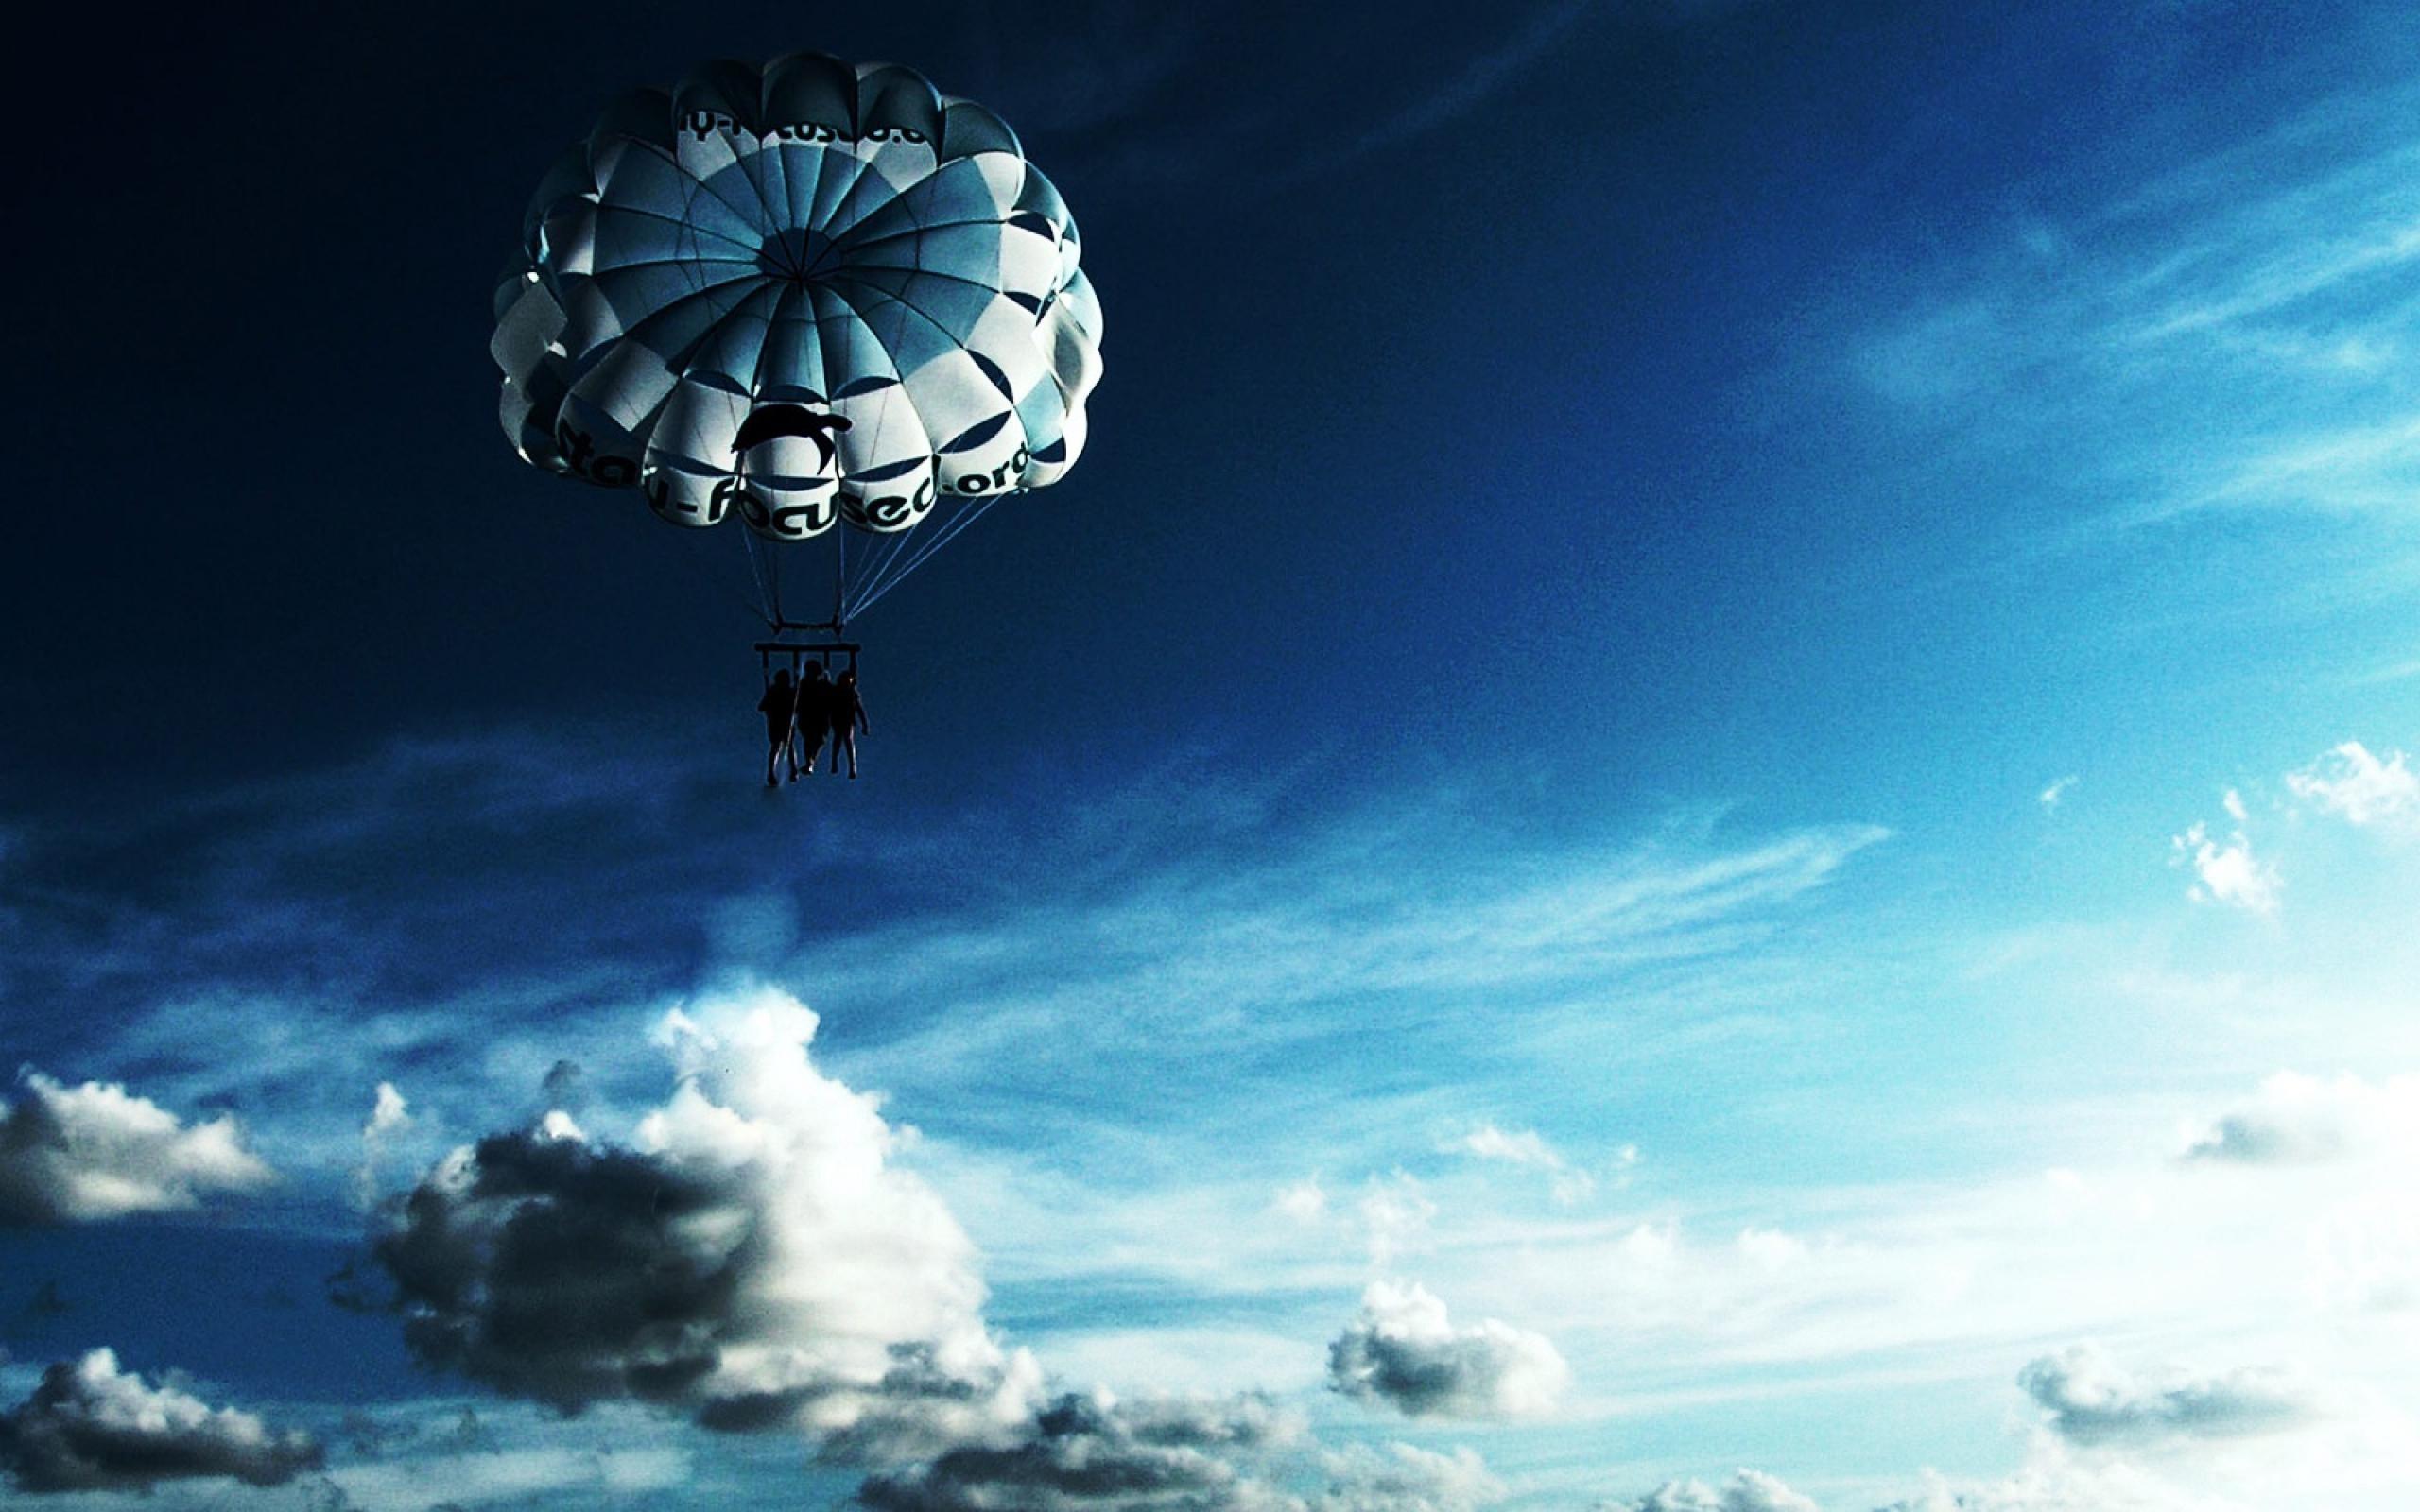 空はパラシュート アウトドアスポーツの壁紙プレビュー 10wallpaper Com